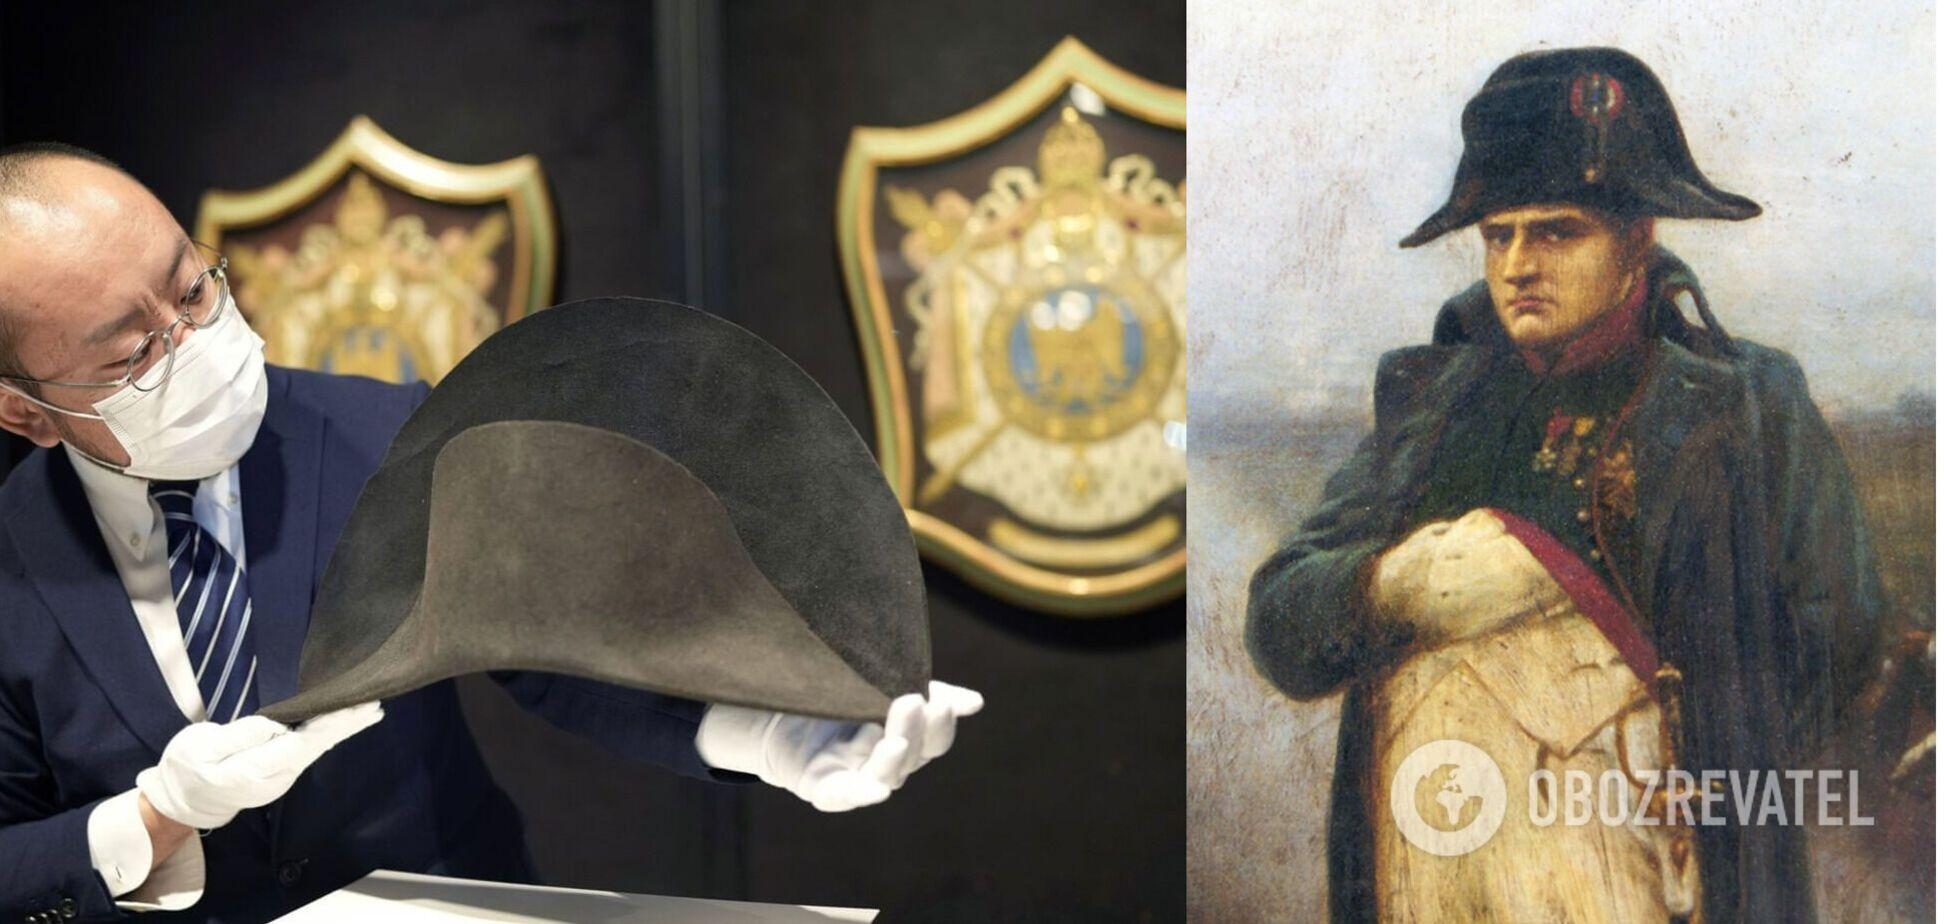 У Лондоні продадуть з аукціону капелюх Наполеона з ДНК імператора. Фото